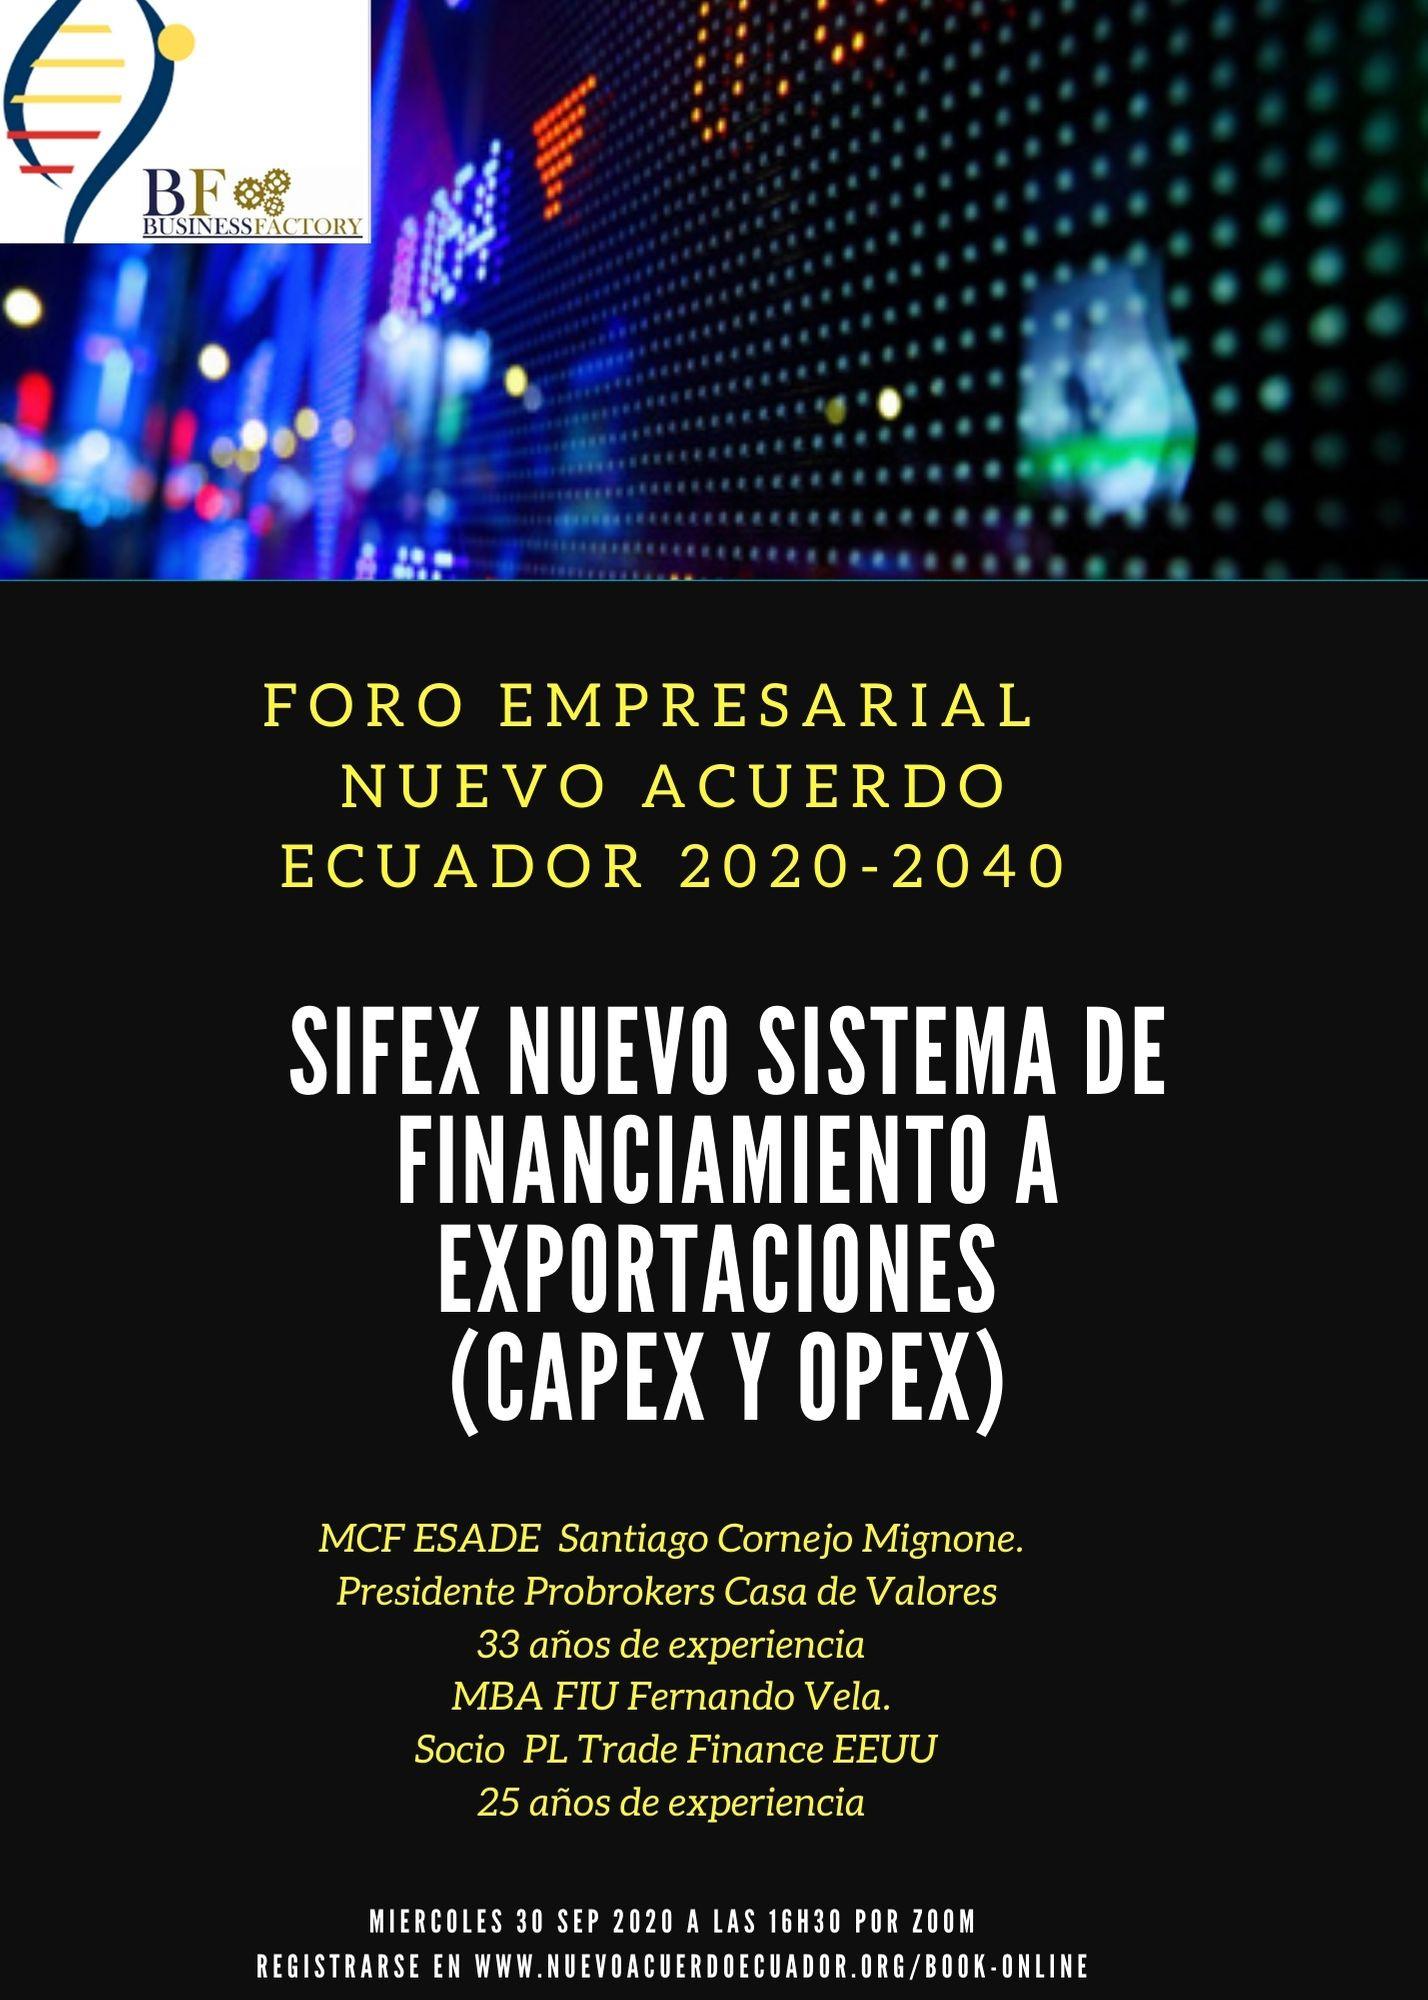 SIFEX FINANCIAMIENTO EXPORTACIONES